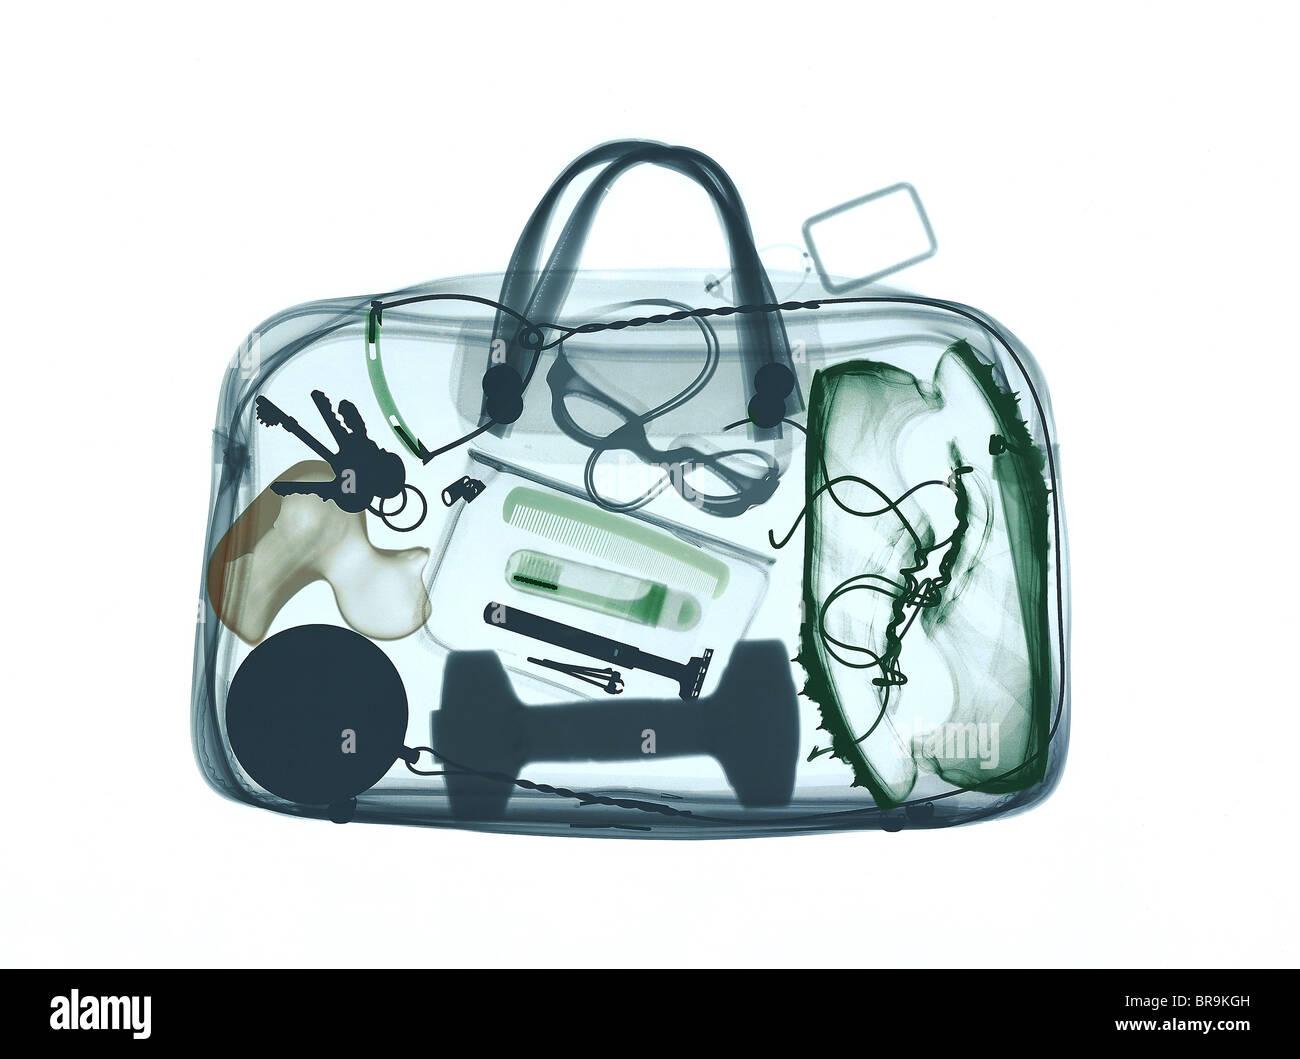 Xray immagine del sacchetto contenente attrezzature sportive Immagini Stock